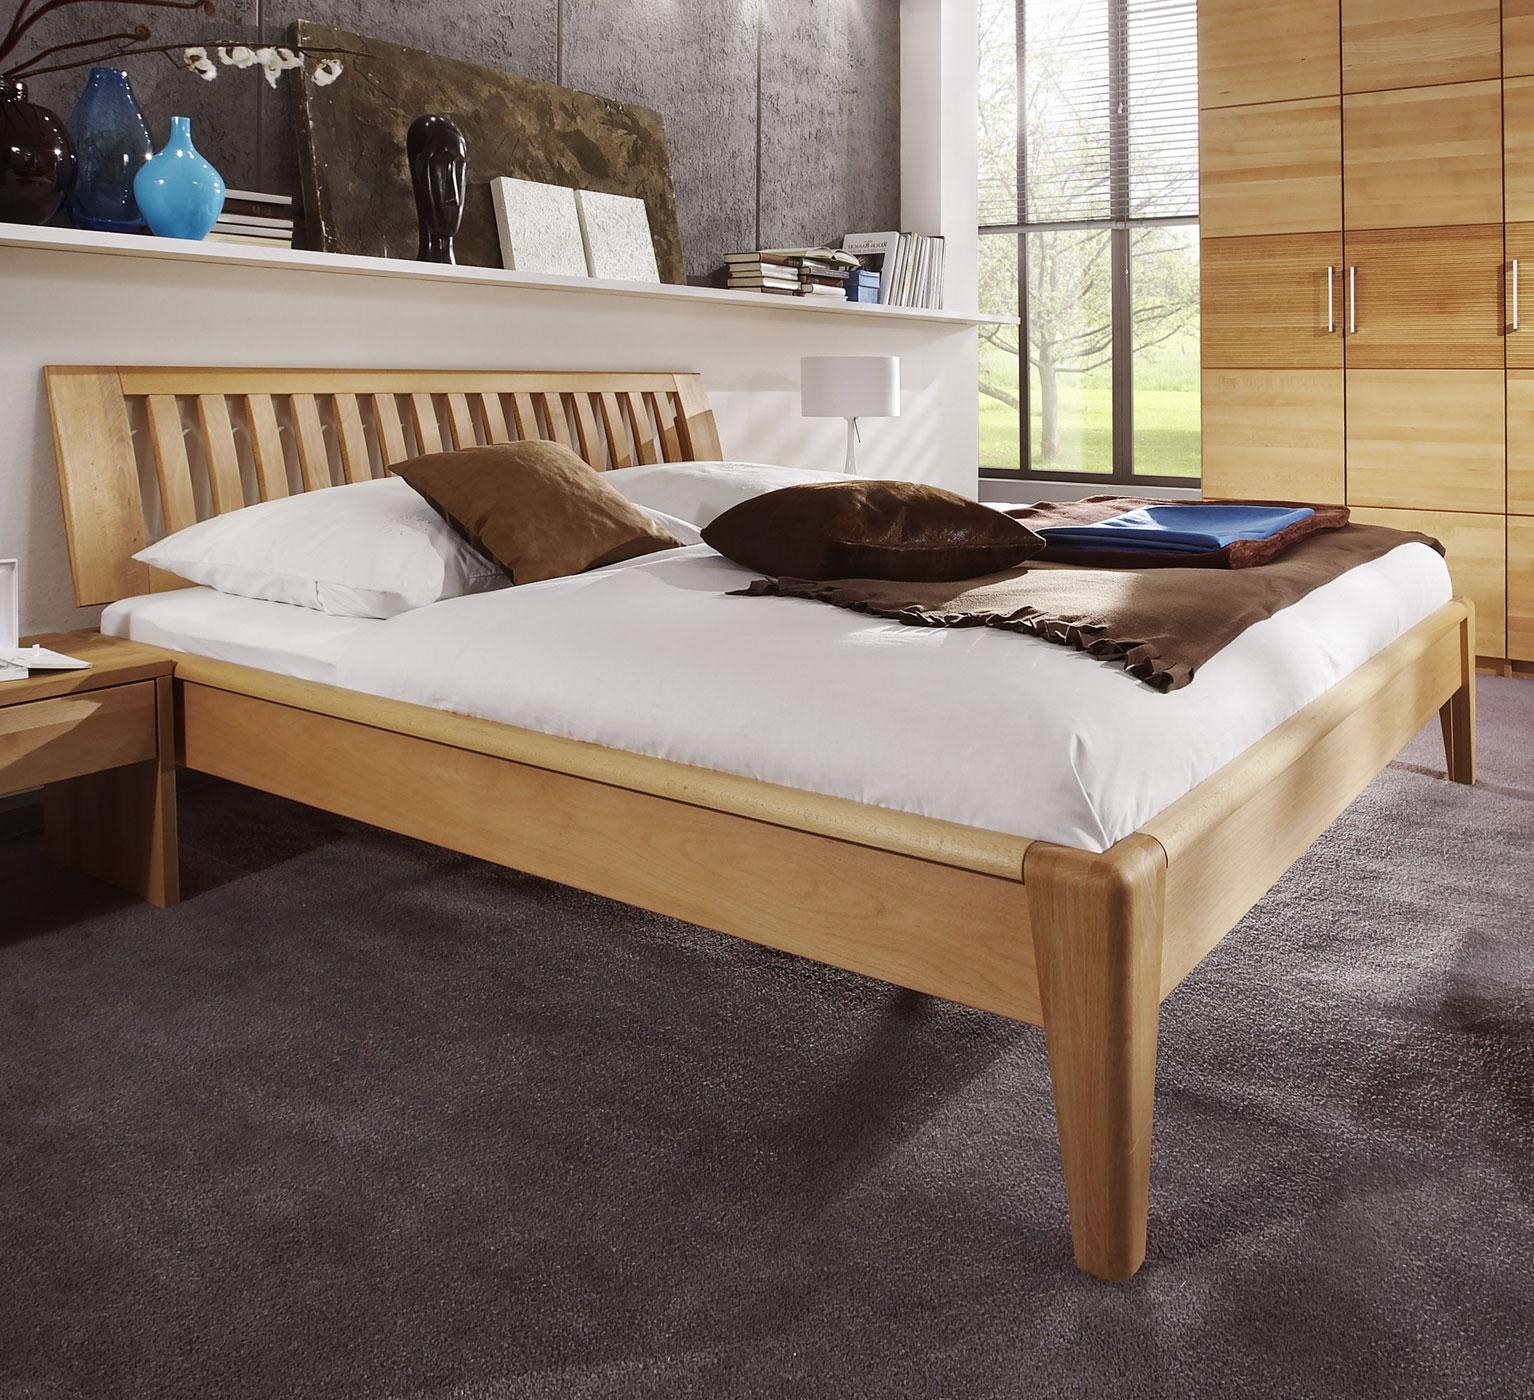 sind alte bettdecken sperrm ll kleines schlafzimmer mit schr ge einrichten aldi bettw sche. Black Bedroom Furniture Sets. Home Design Ideas